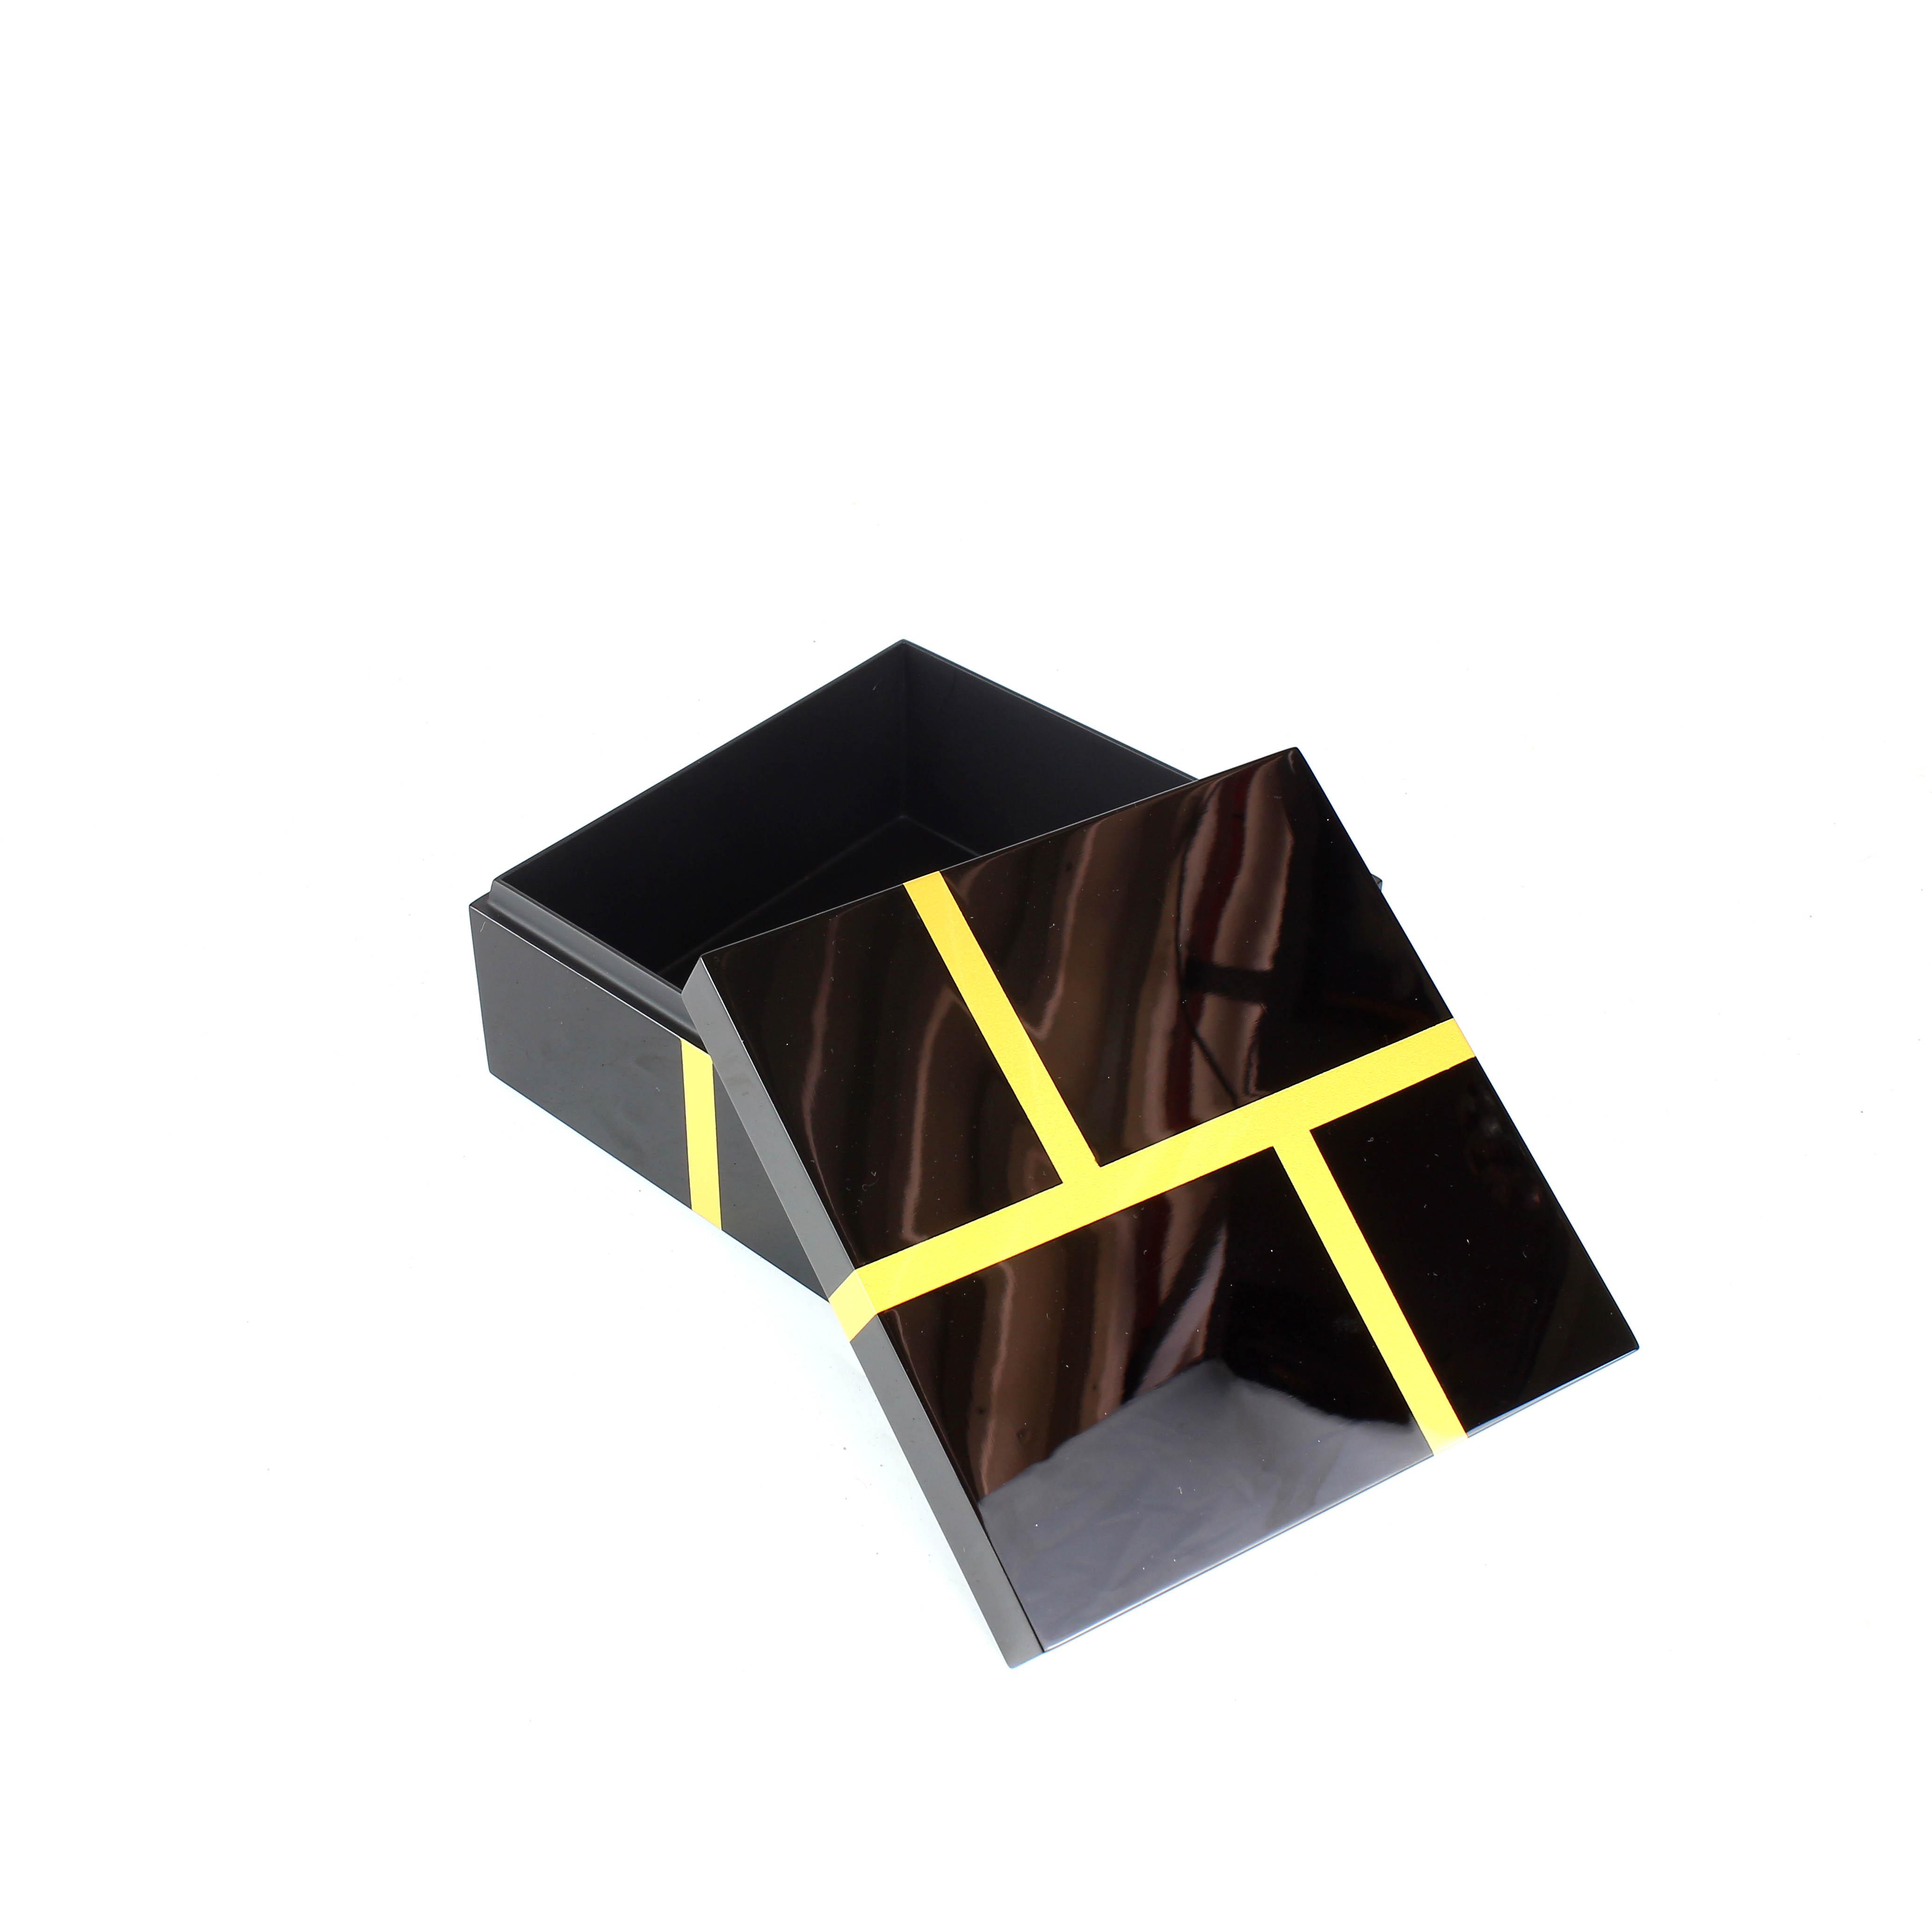 Square Lacquer Box